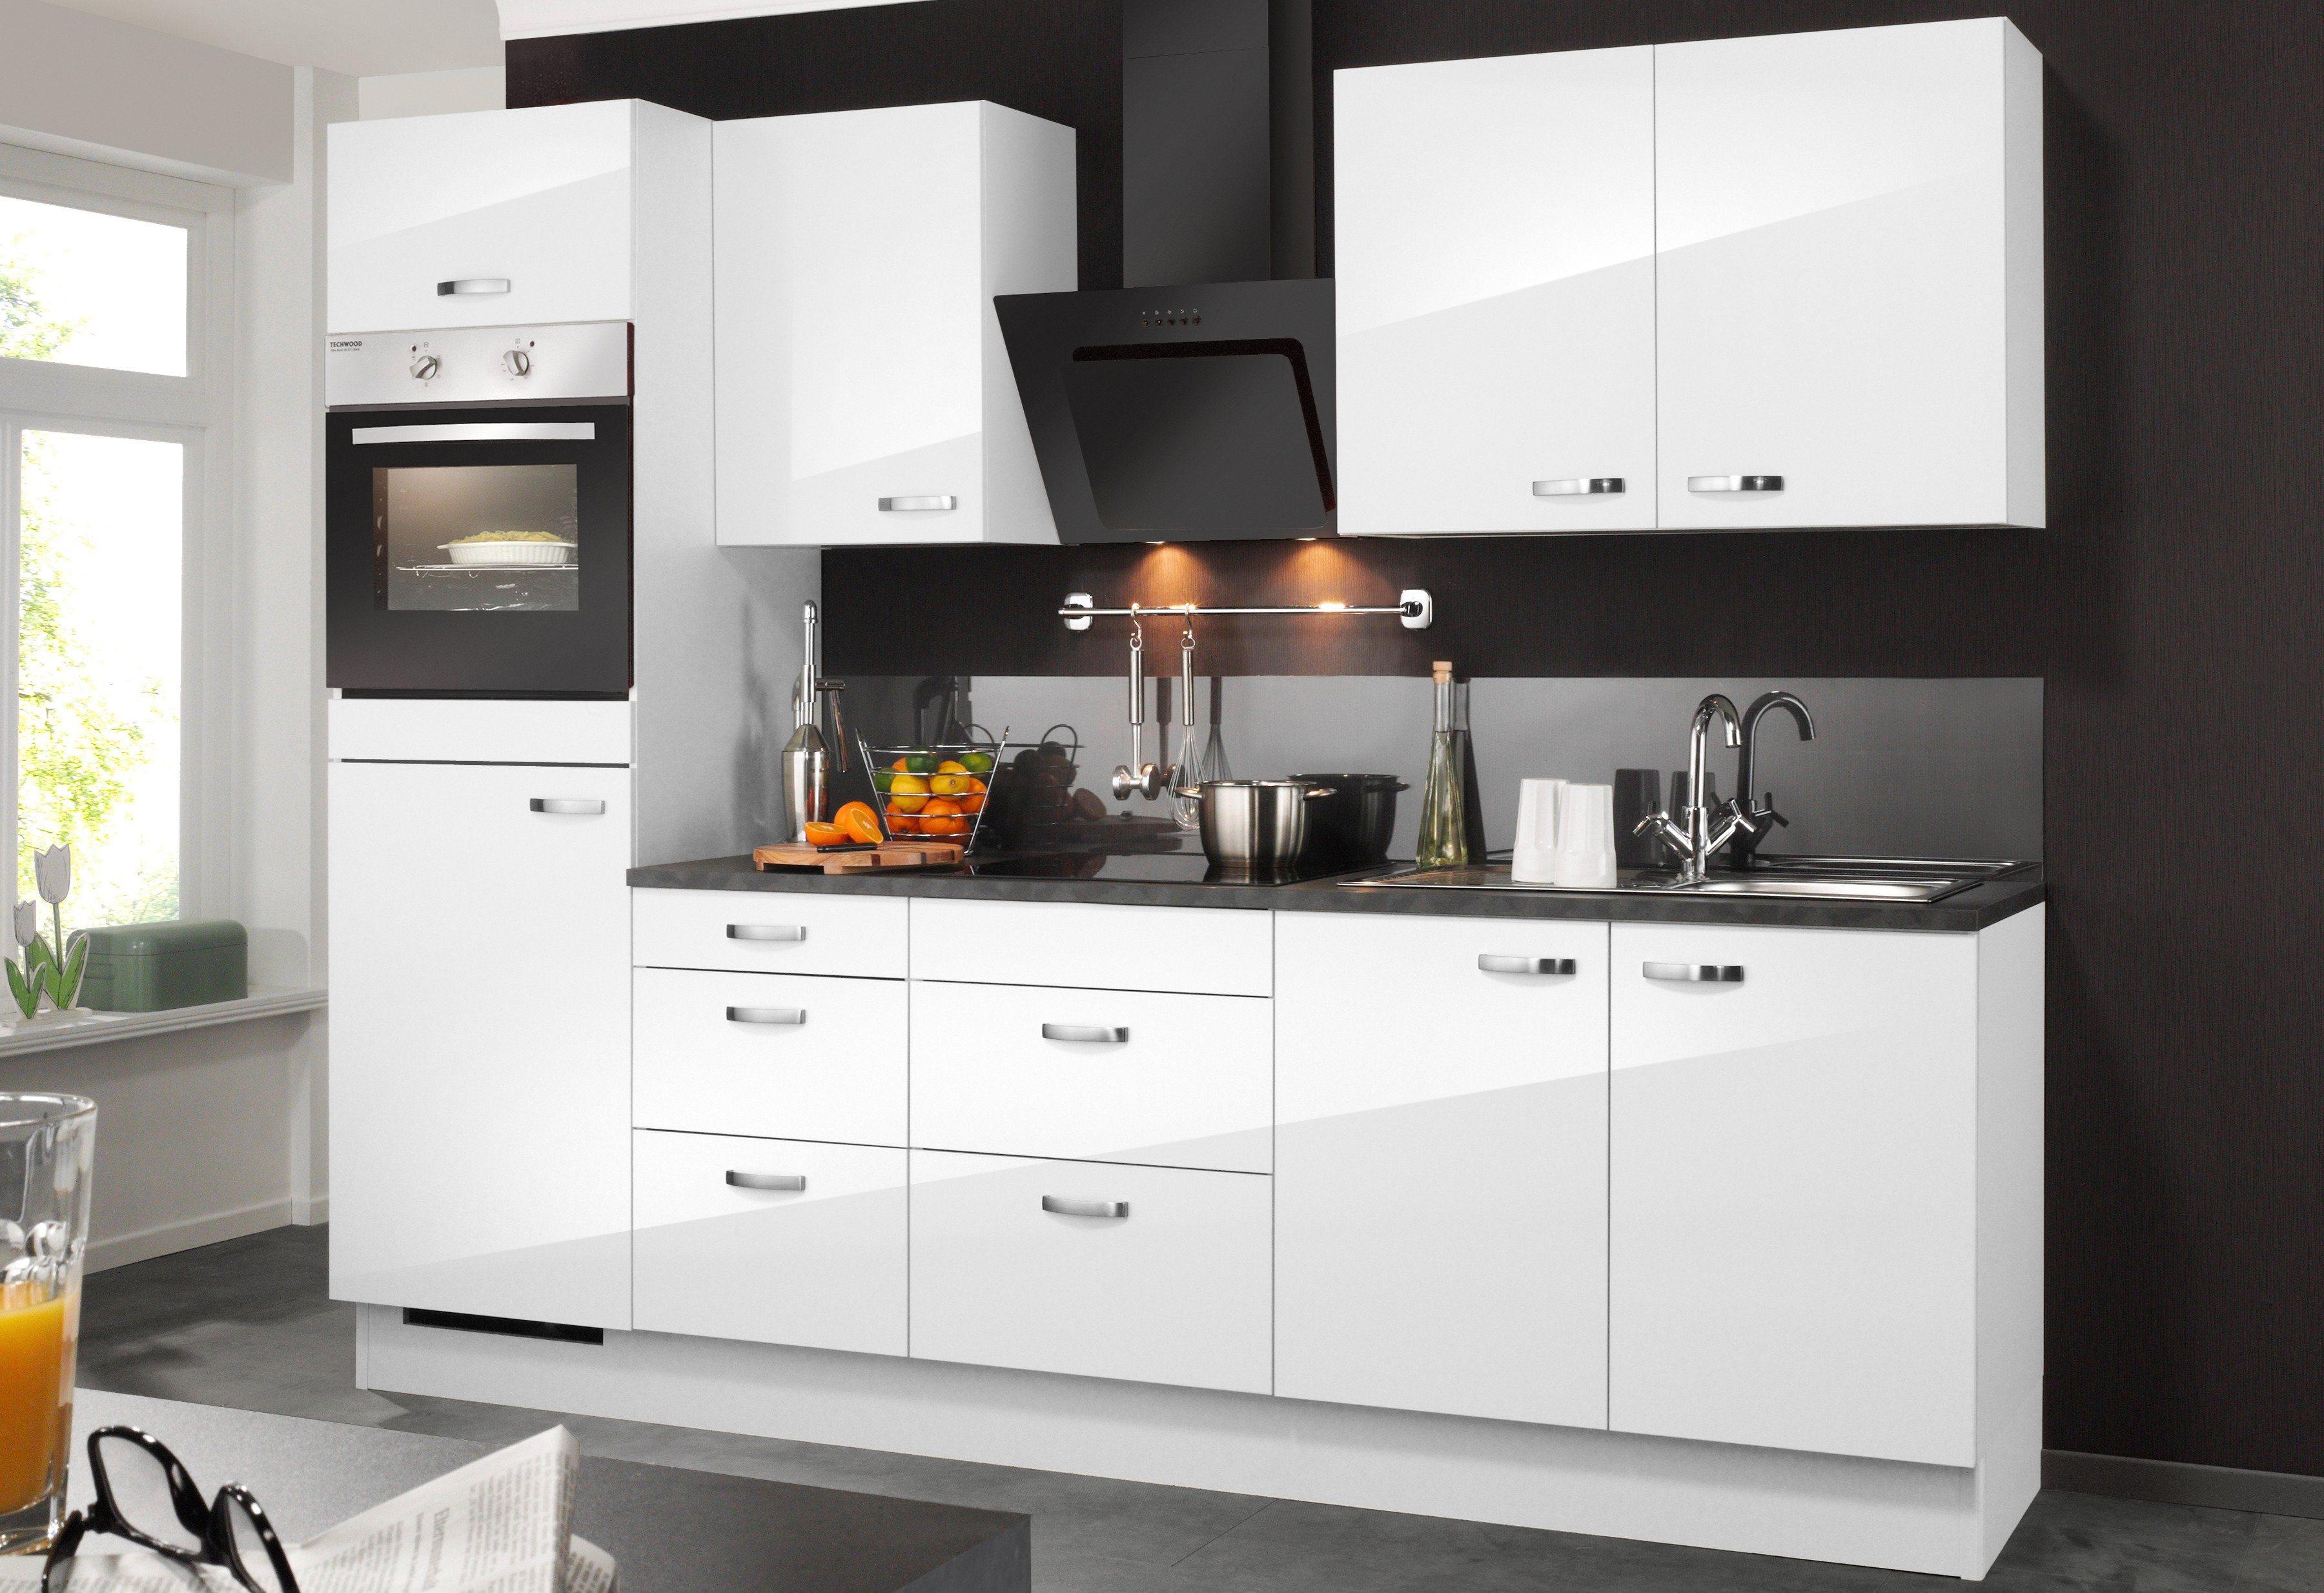 Kühlschrank Schleppscharnier : Schleppscharnier preisvergleich u2022 die besten angebote online kaufen